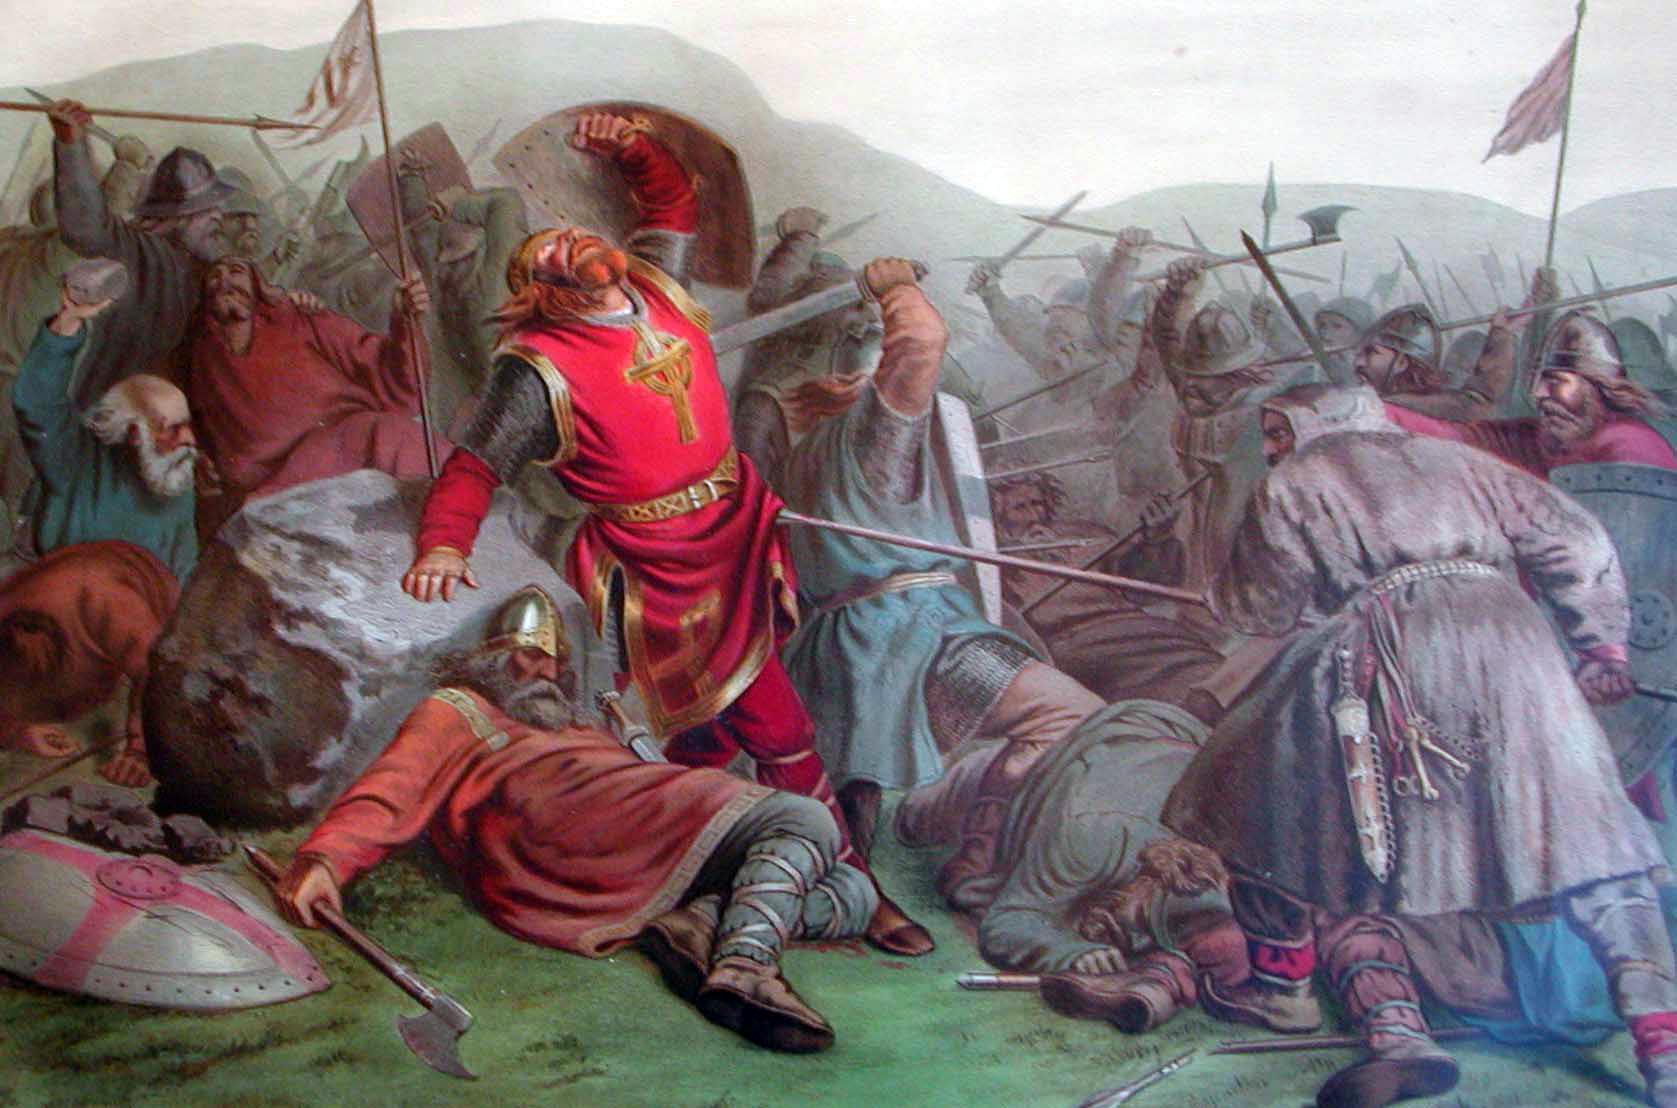 Olav Haraldsson stikkes ihjel på Stiklestad. Slaget markerte starten på kristningen og den sakte slutten på vikingtiden.